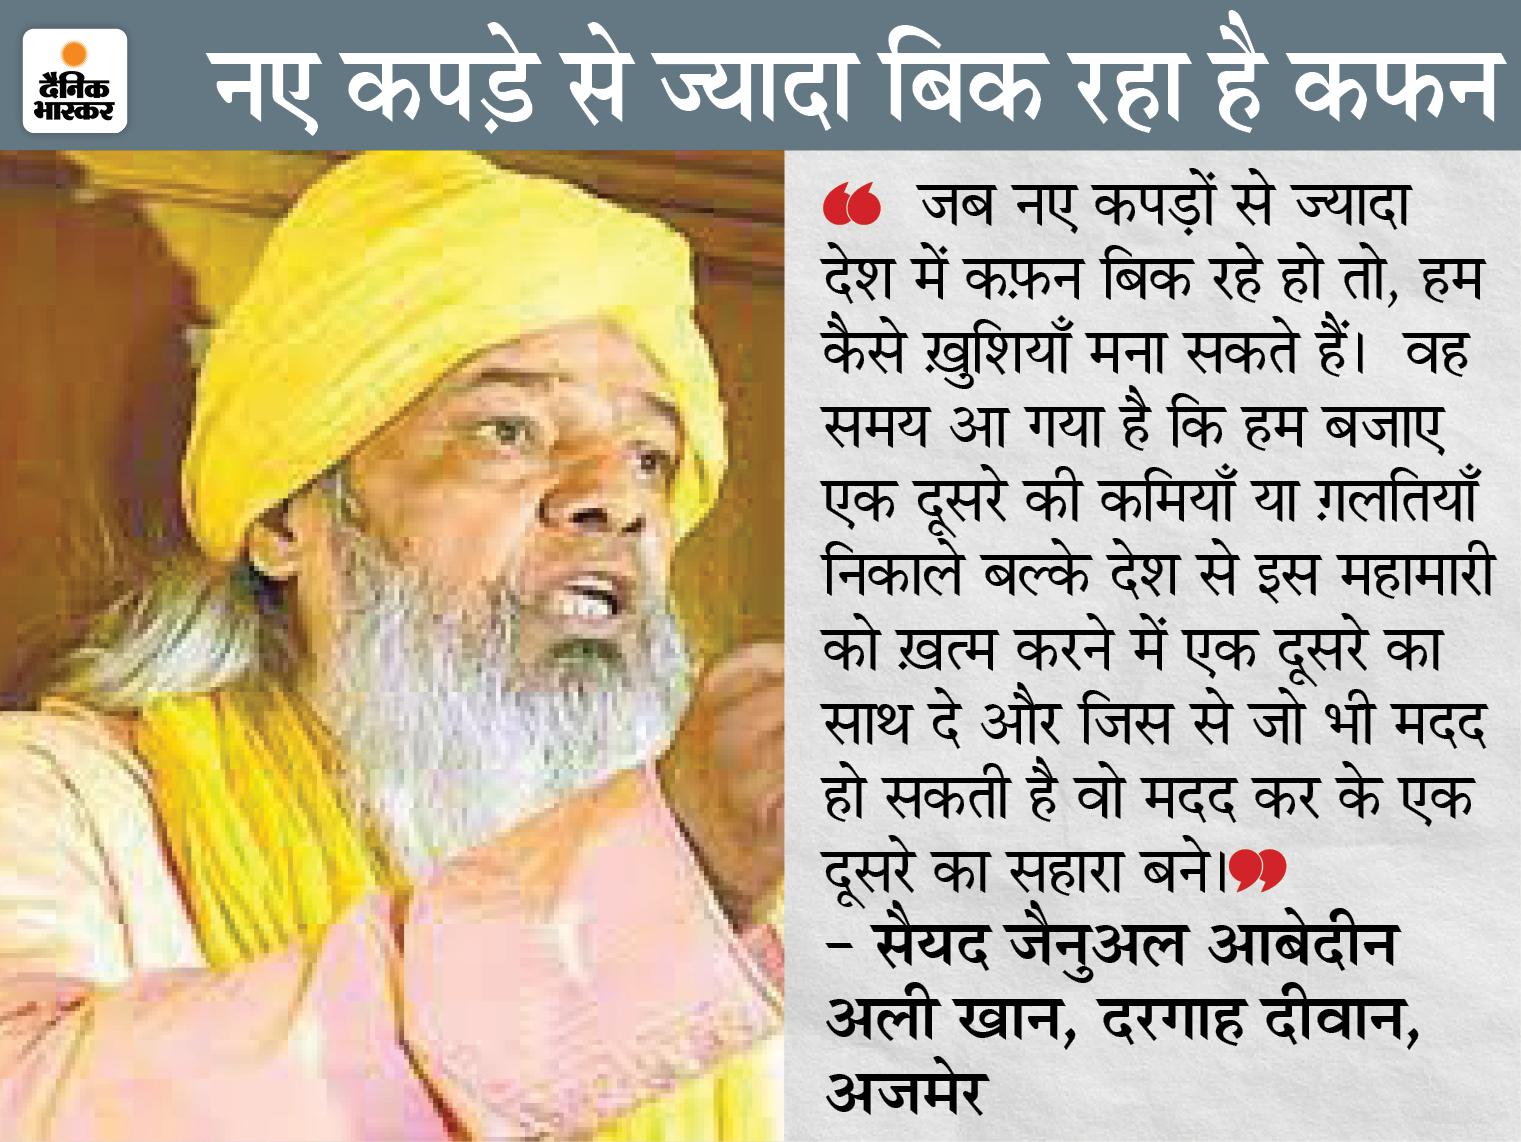 दरगाह दीवान बोले- हमारी ईद खुशियों के साथ उस दिन होगी जब हर इंसान कोरोना महामारी को हरा देगा|अजमेर,Ajmer - Dainik Bhaskar